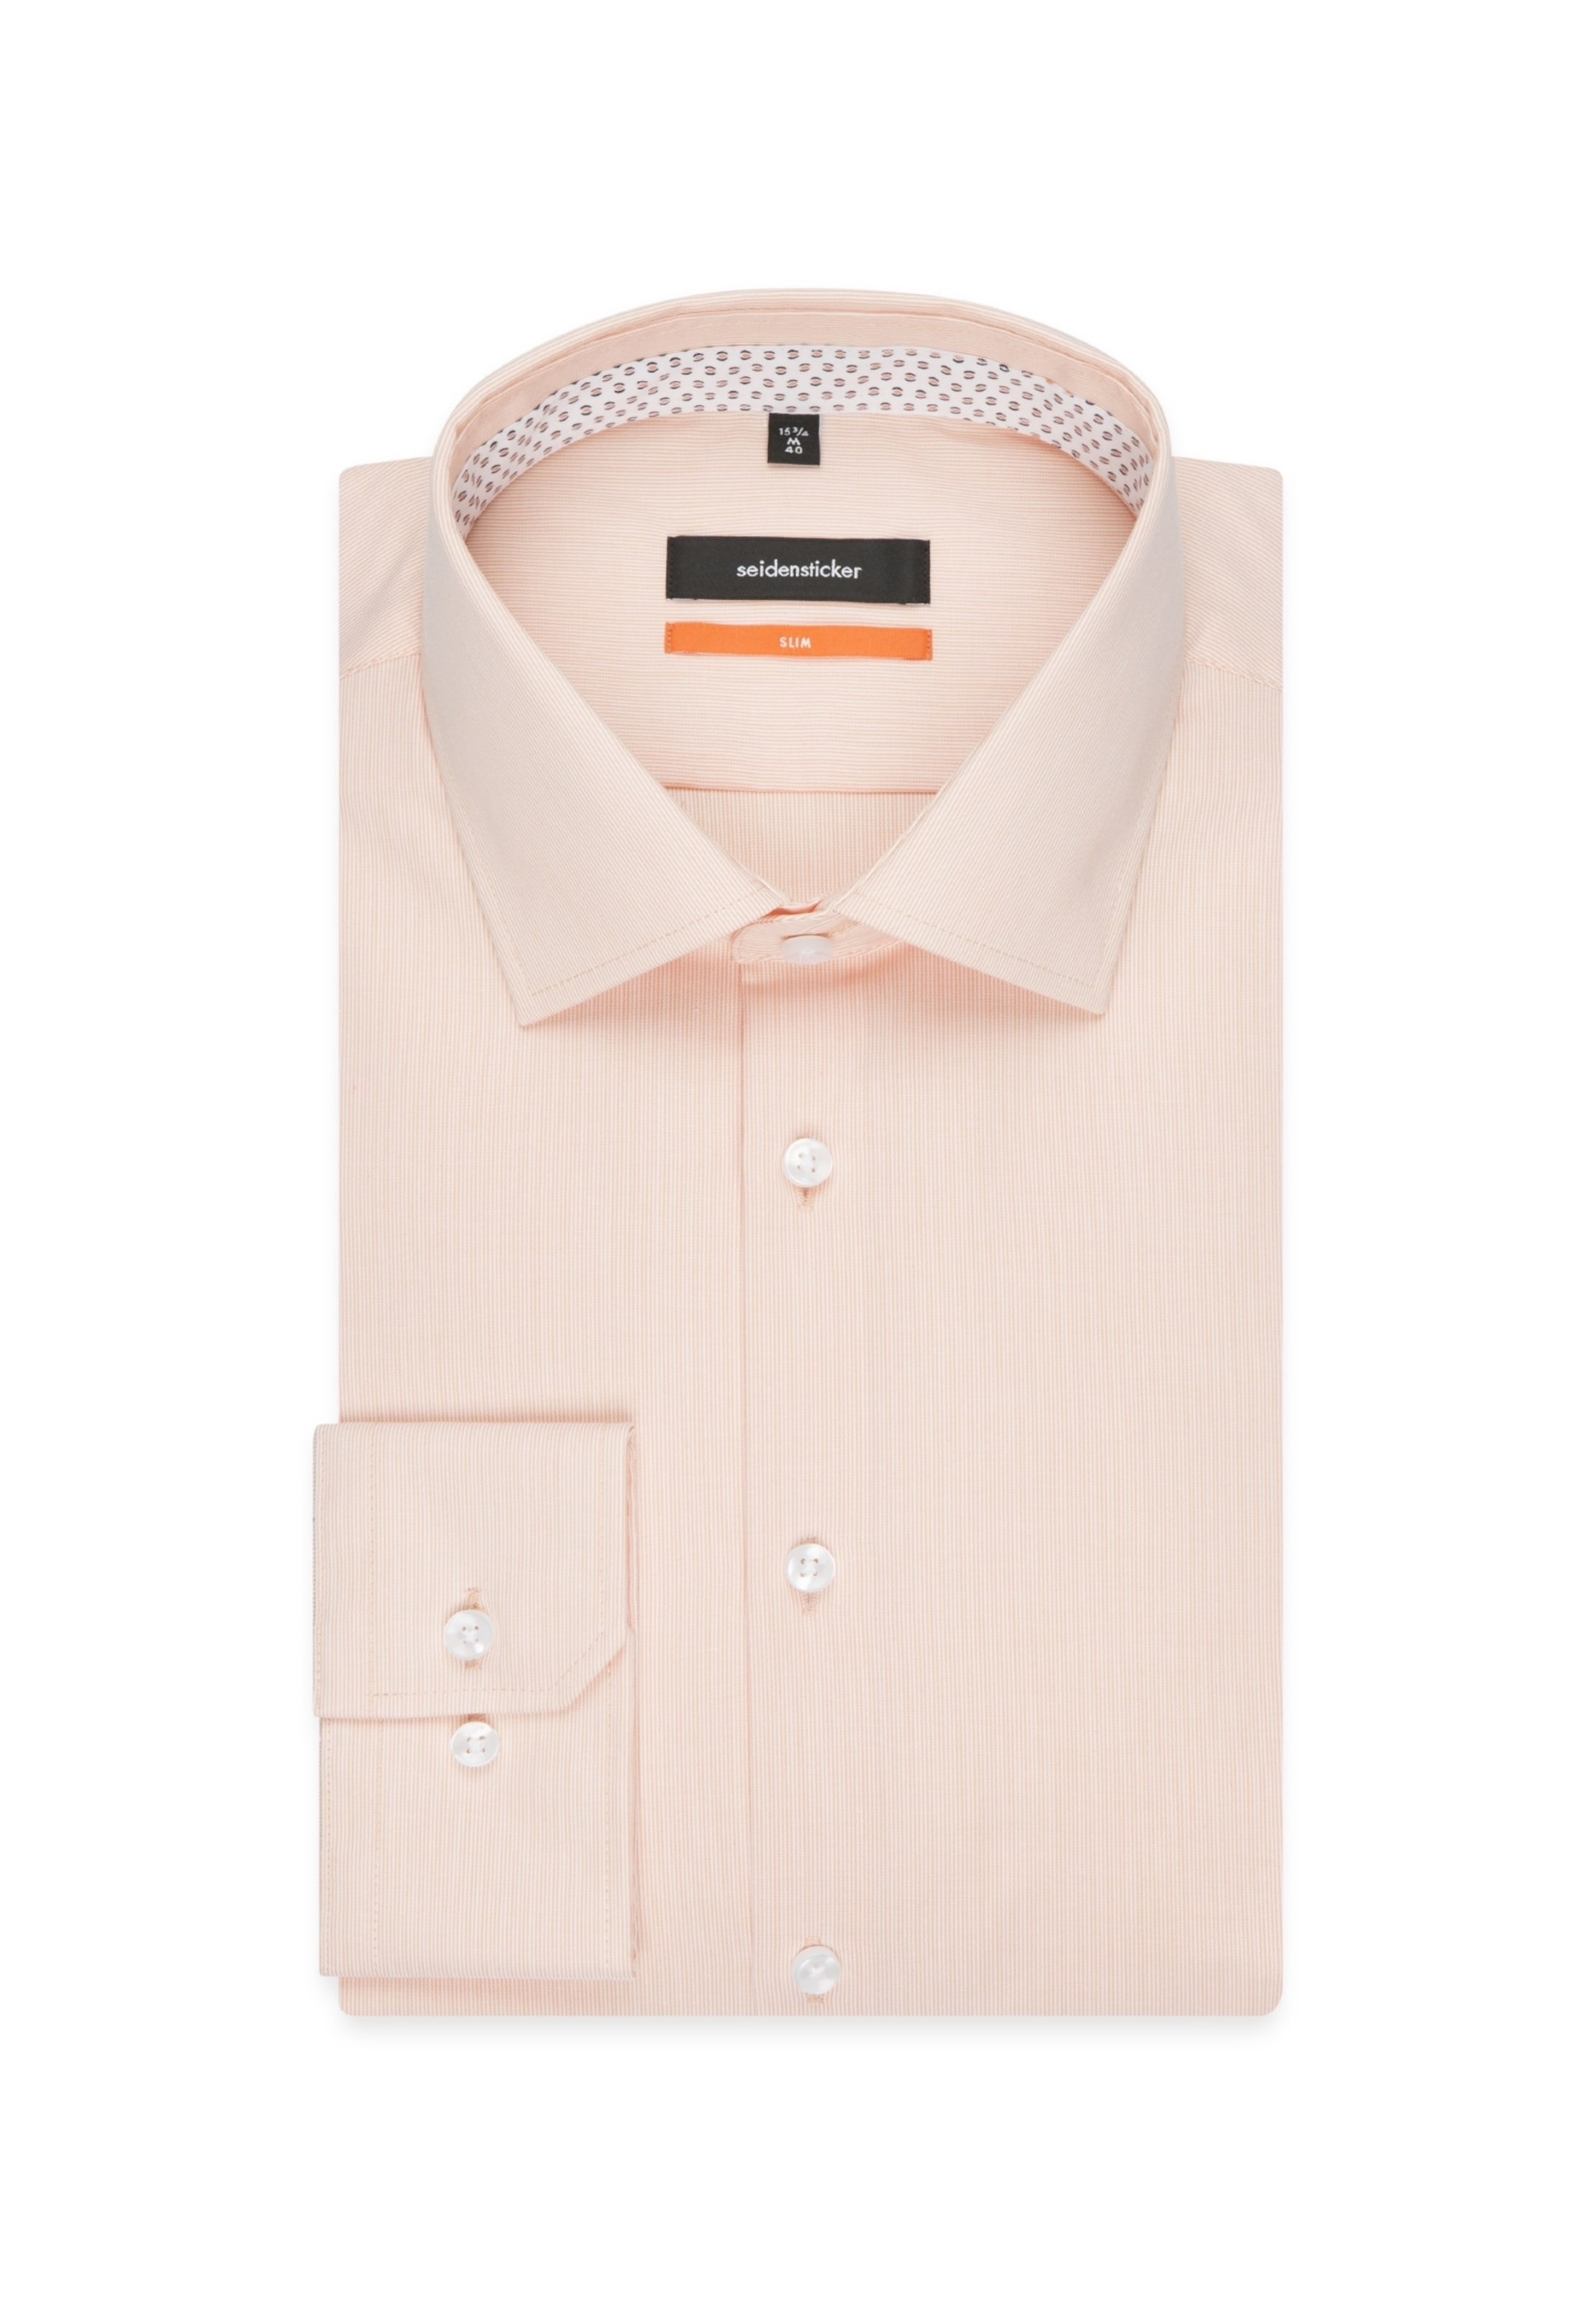 OrangeWeiß In In Seidensticker Seidensticker Hemd Hemd OrangeWeiß Nn0v8mw